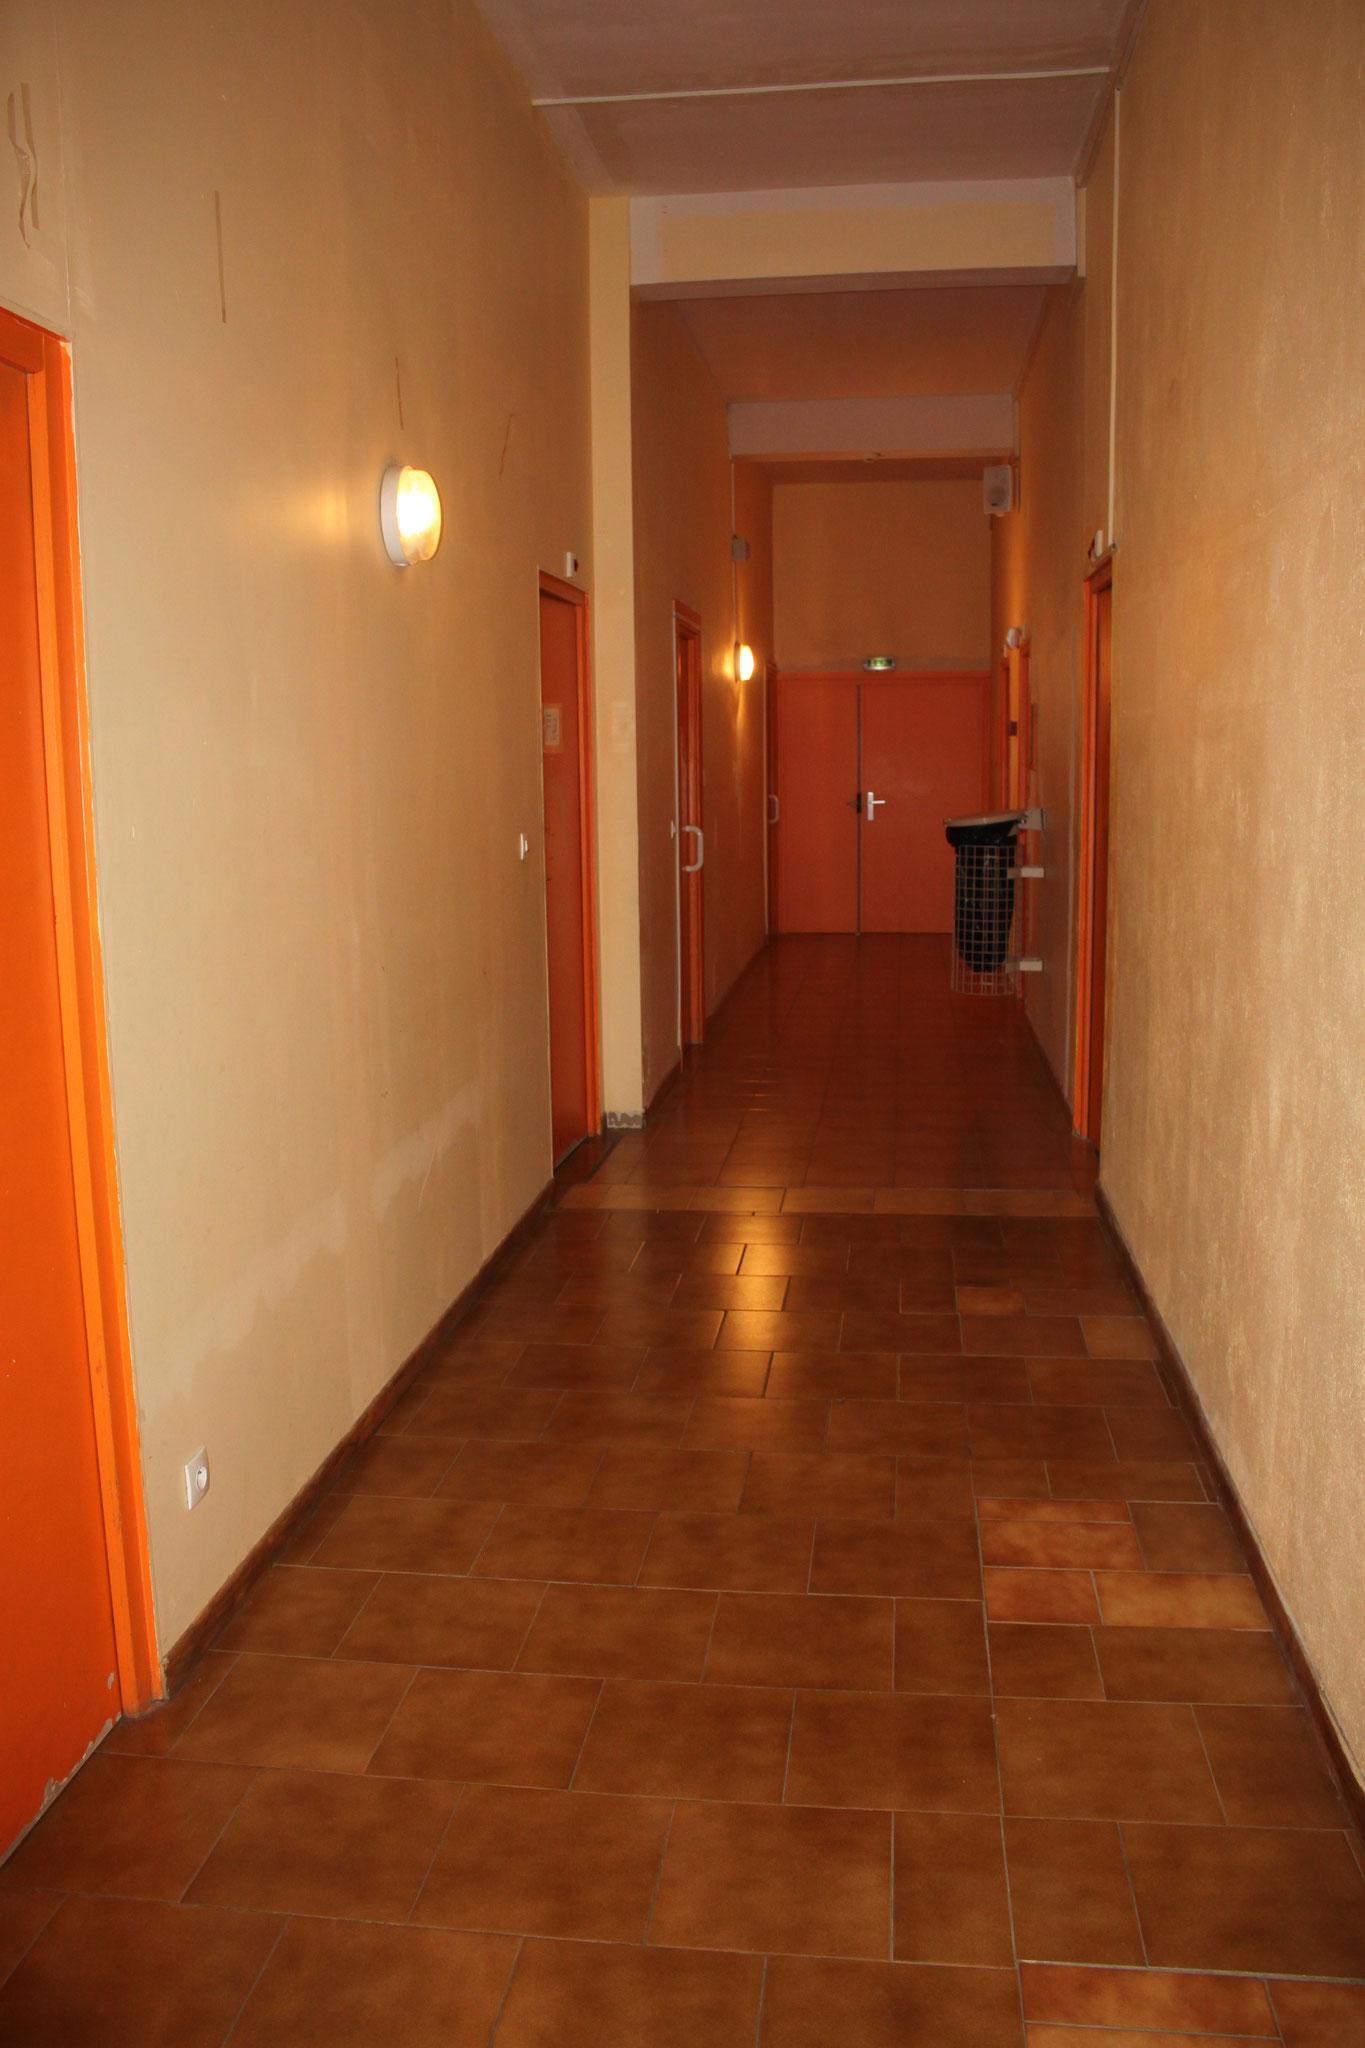 Le couloir des sanitaires et chambres